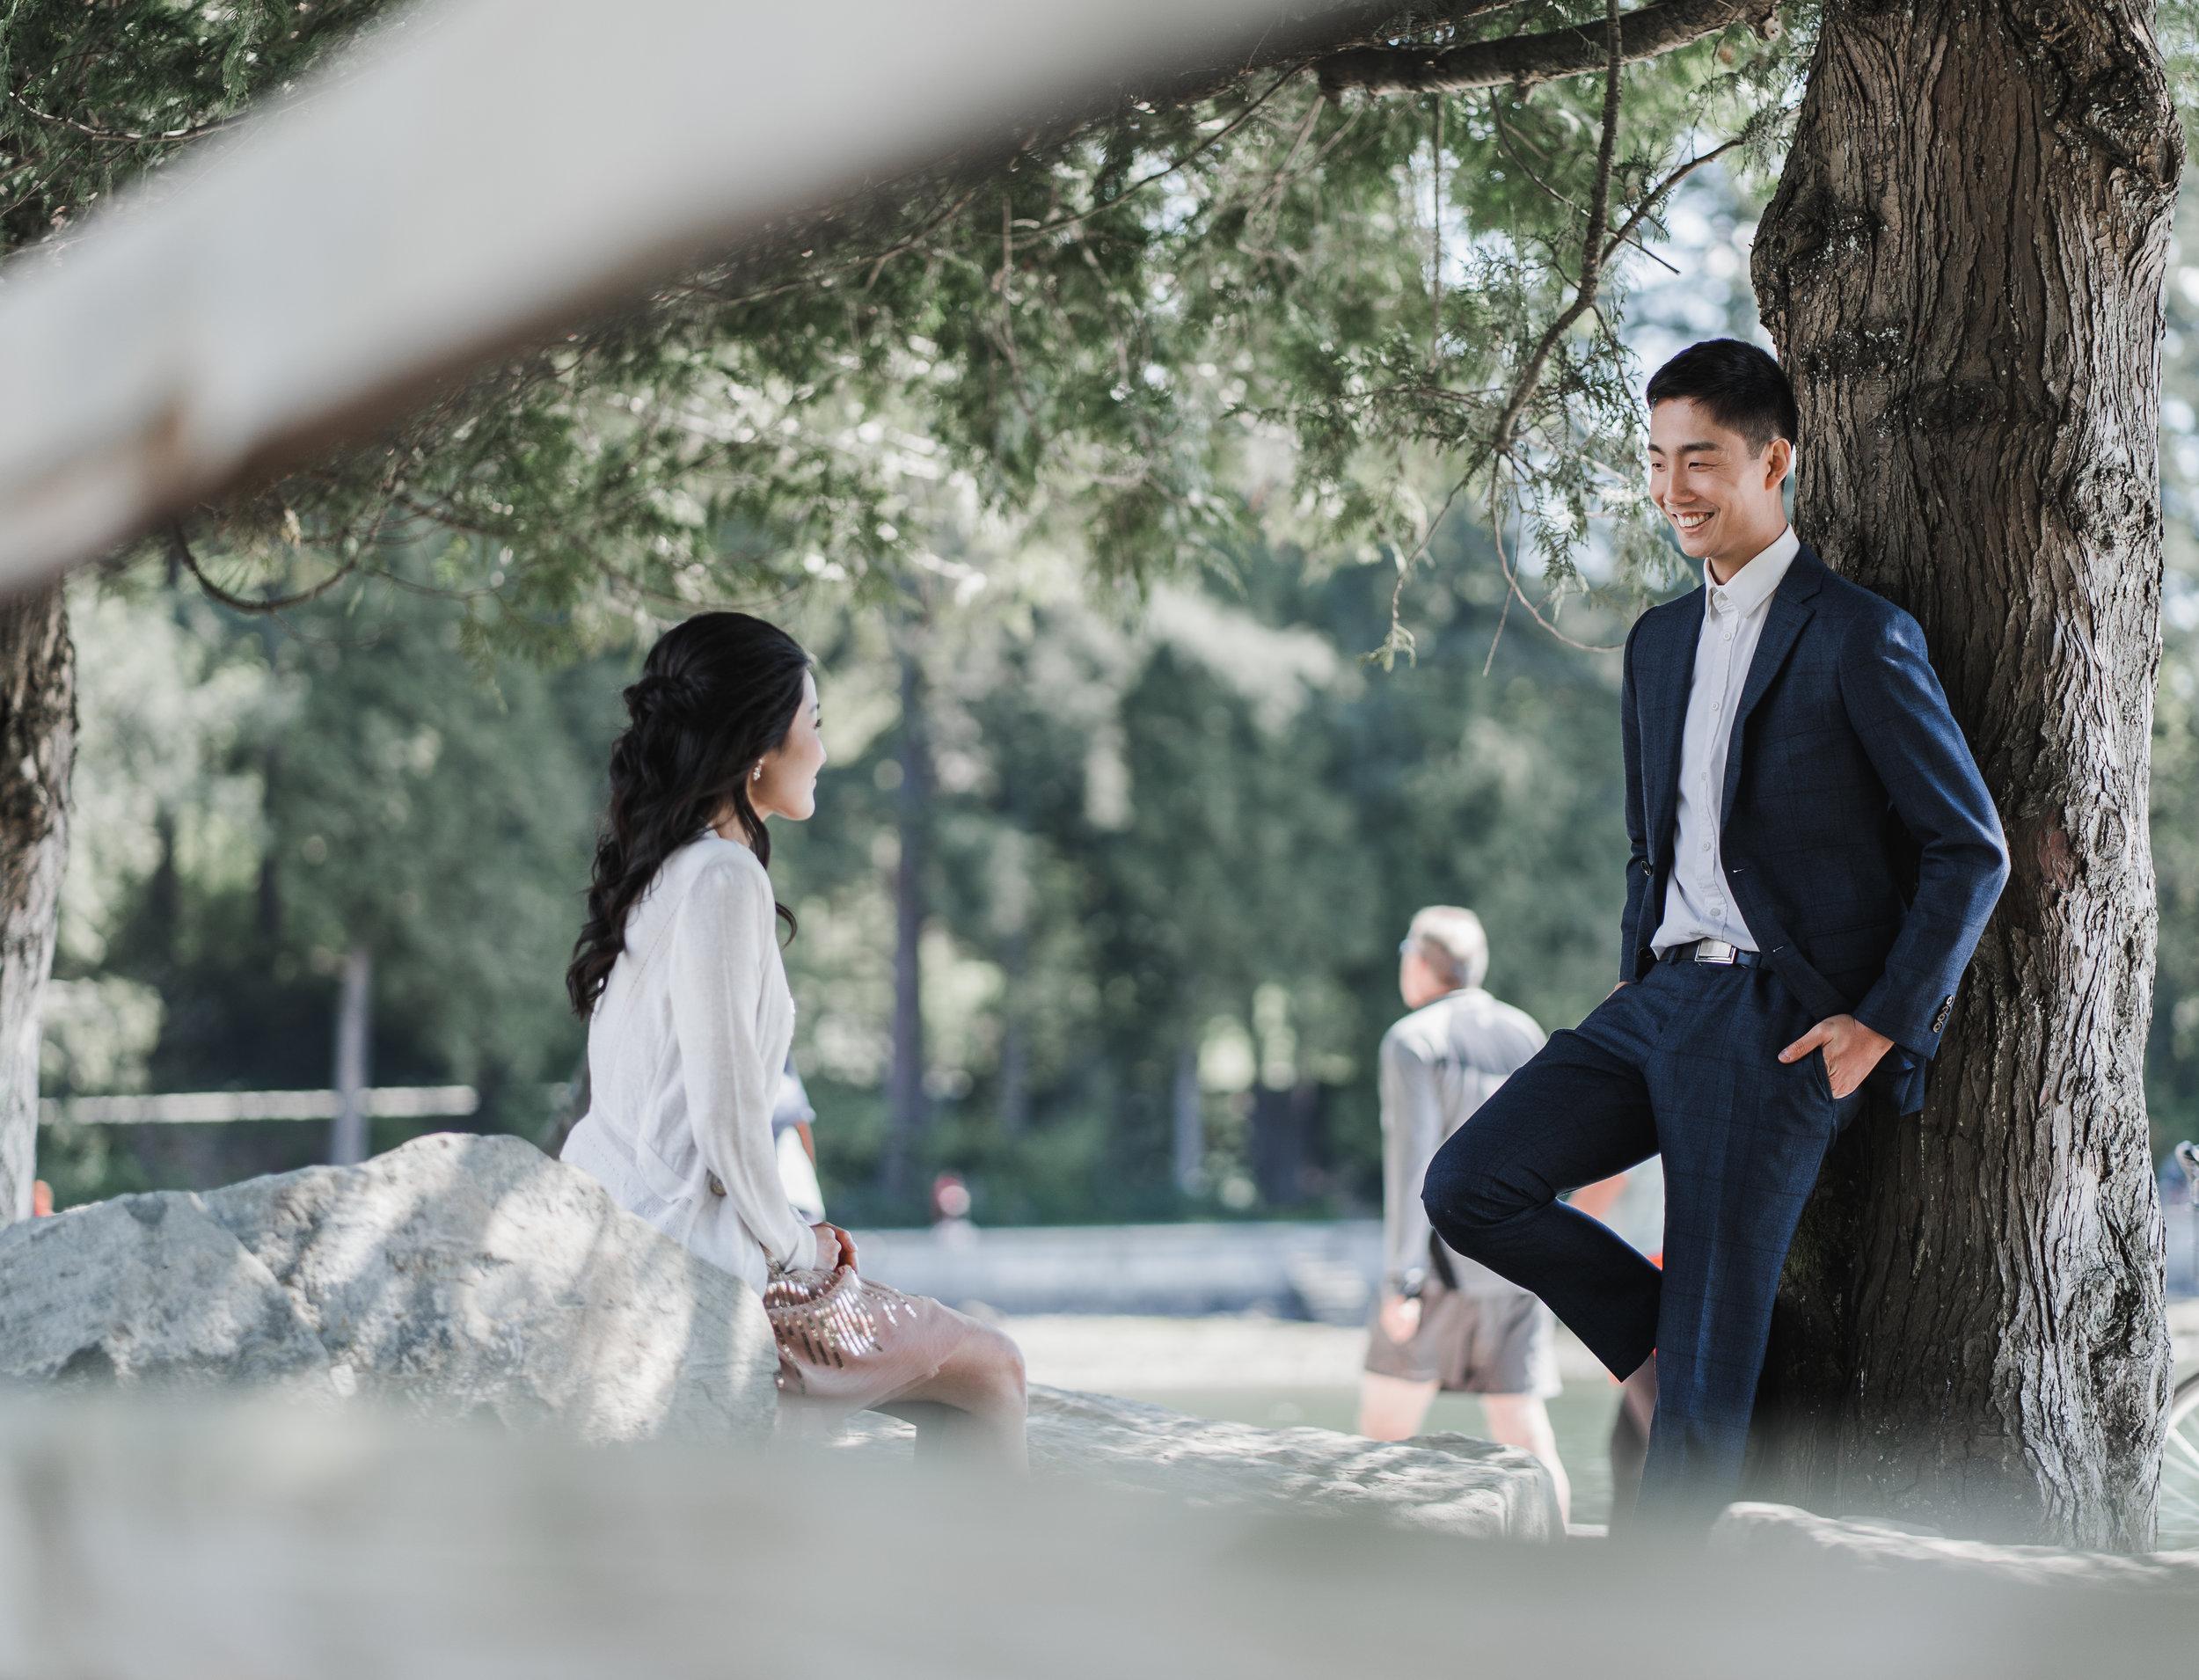 20190428 - Rachel & Brandon Engagement - 0107.jpg